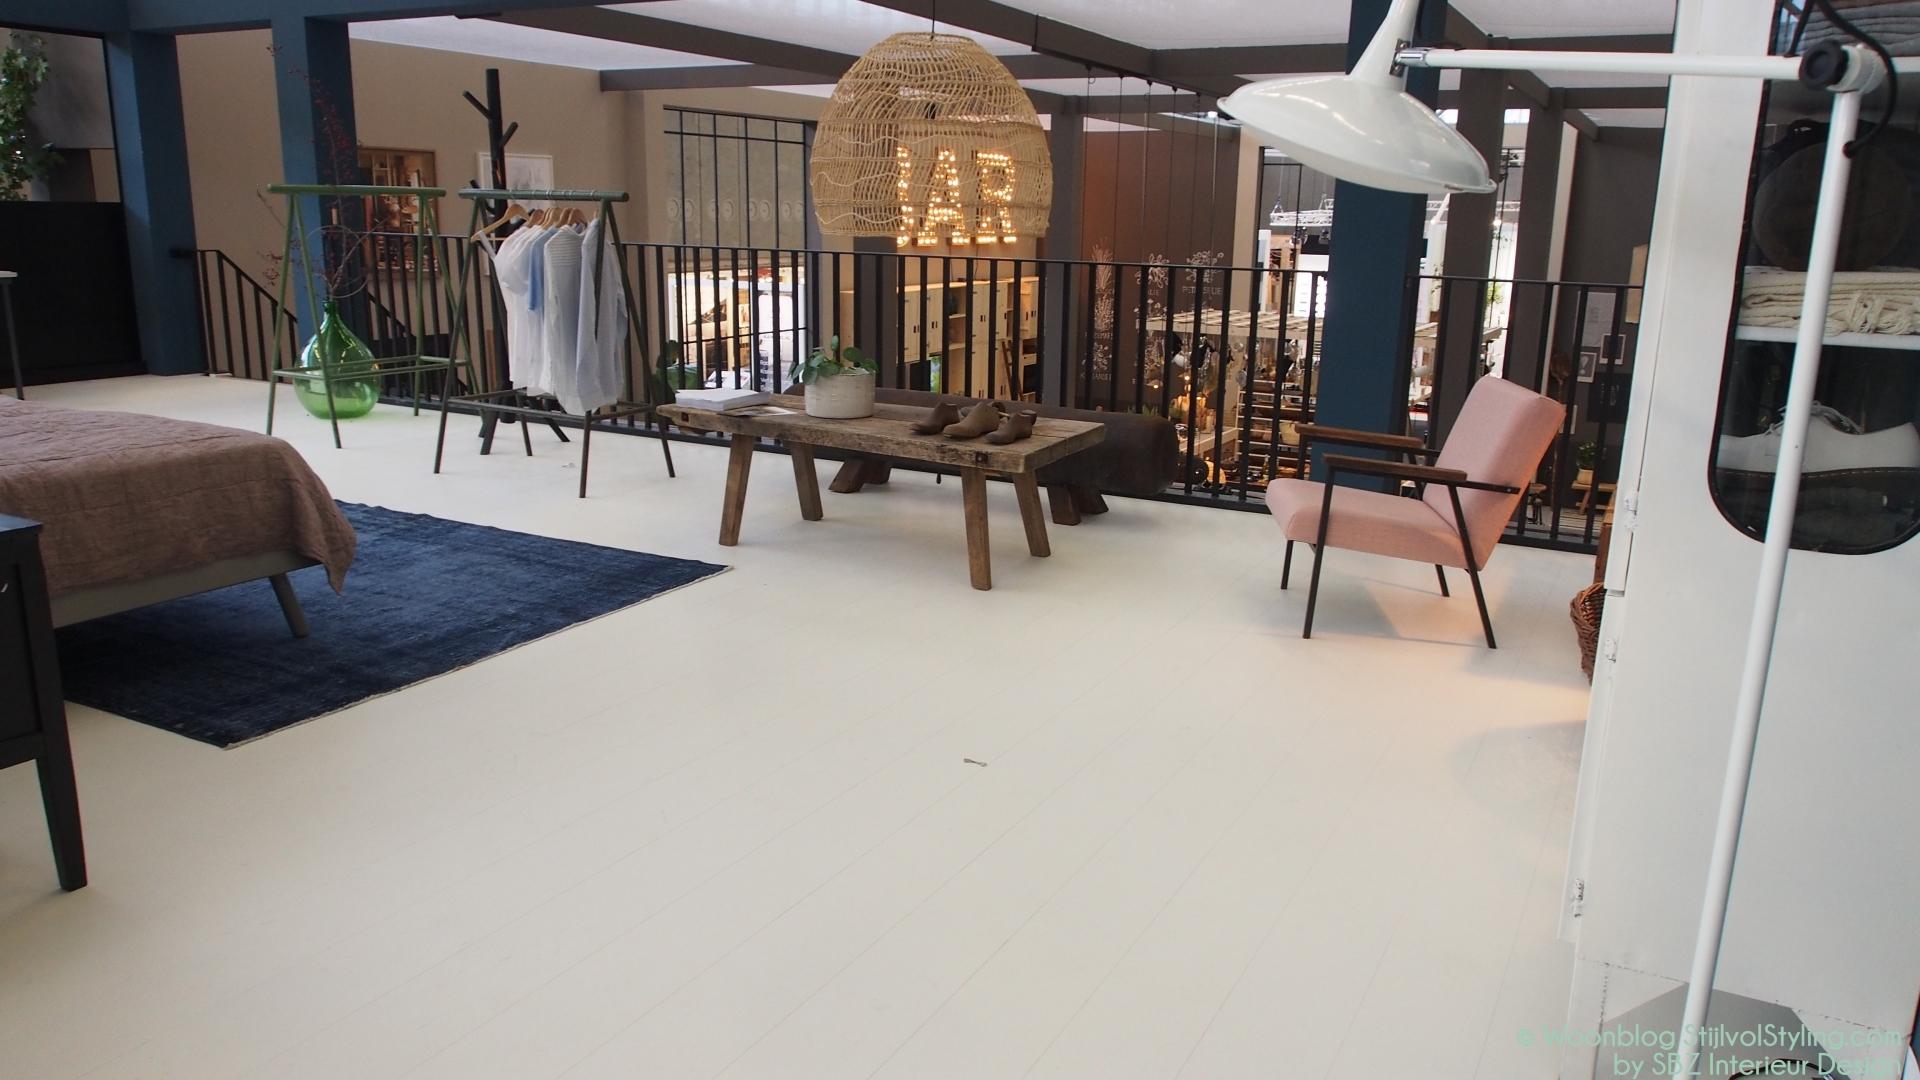 Binnenkijken het vtwonen huis stijlvol styling woonblog - Designer huis exterieur ...